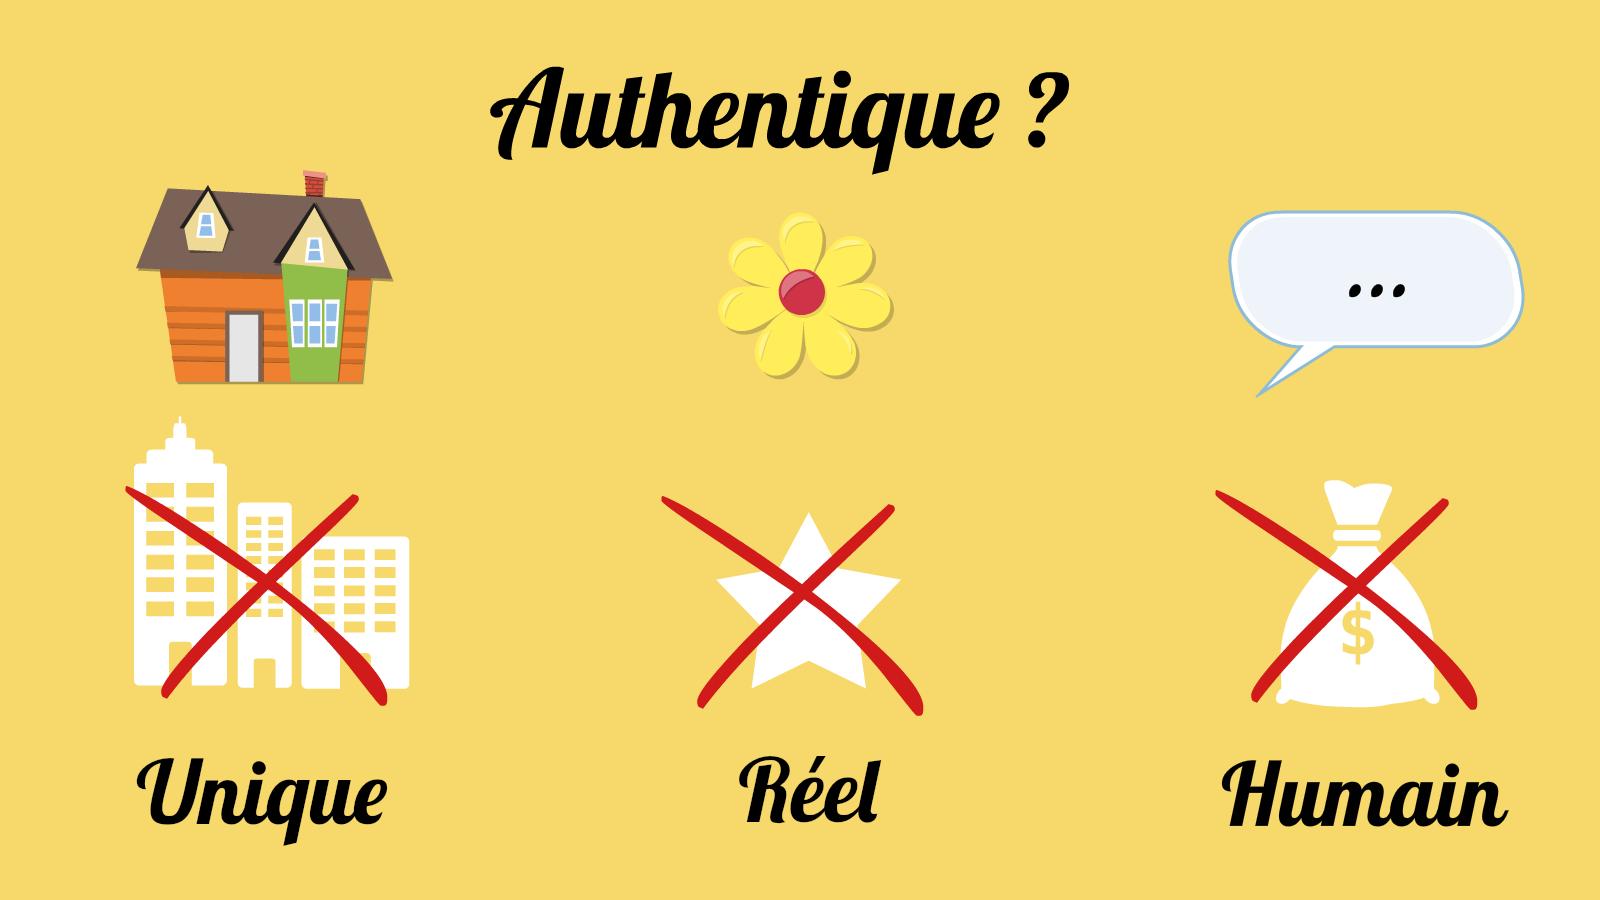 Authentique-definition